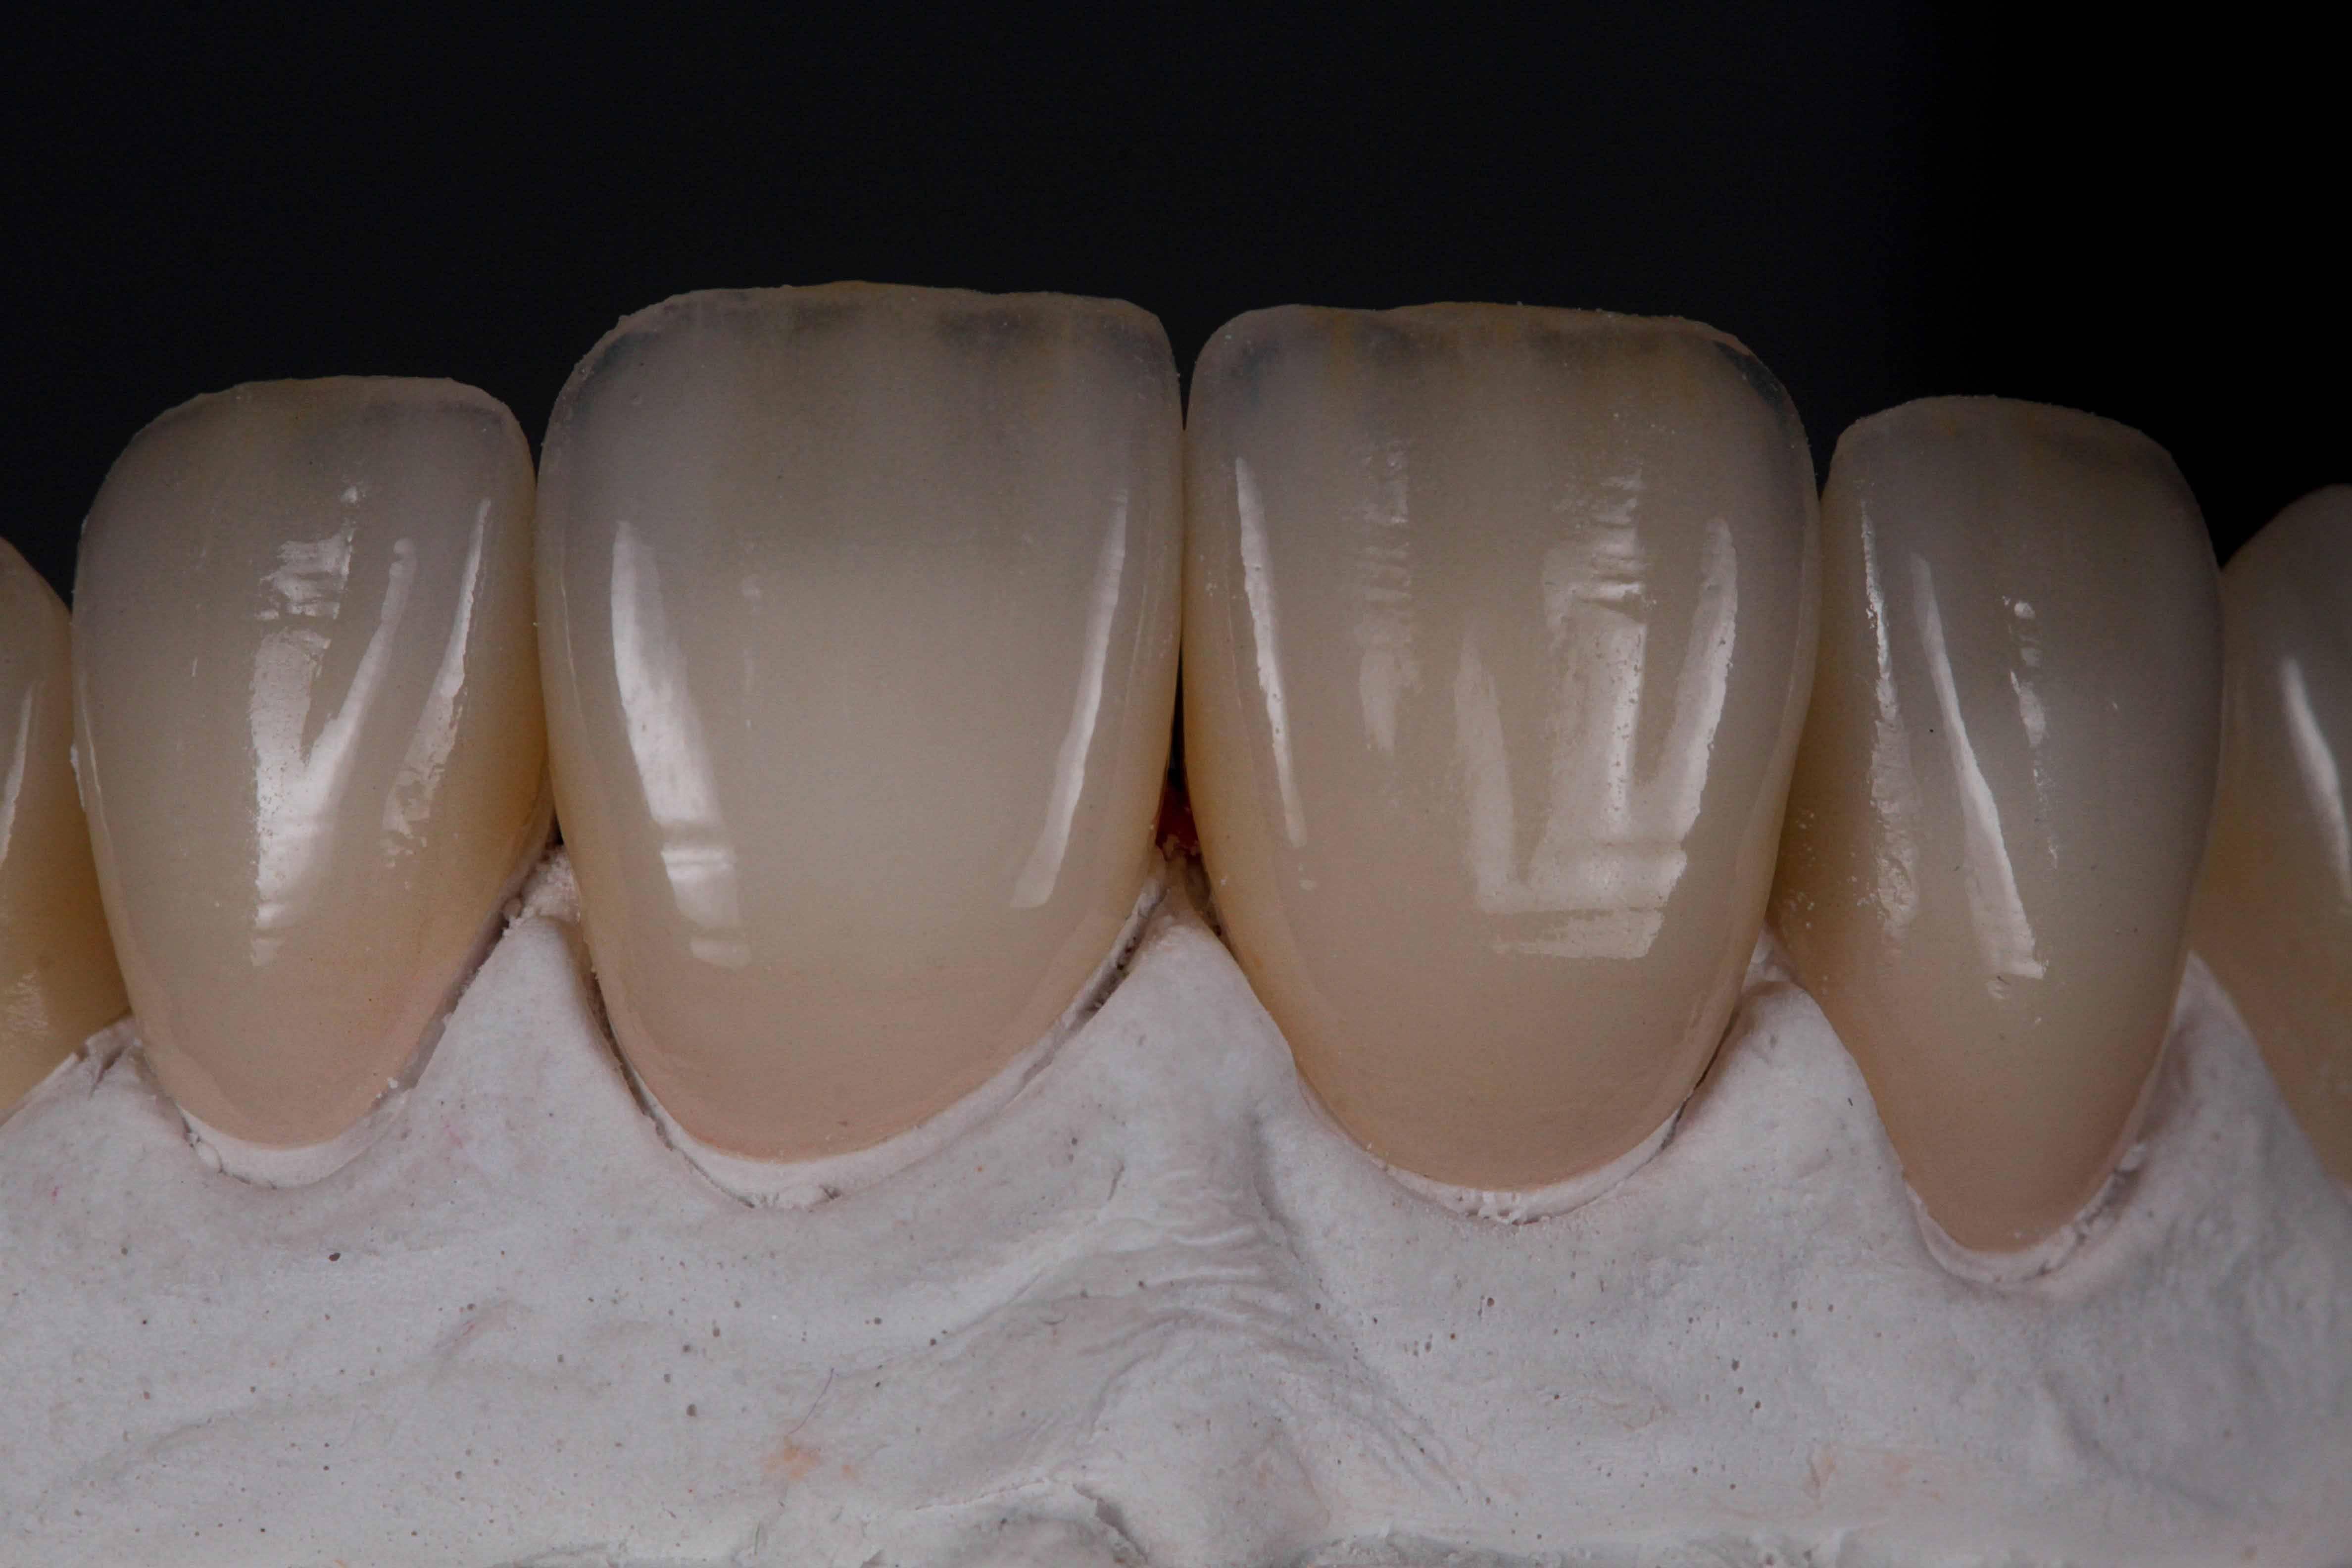 Керамические коронки на зубы цена в москве [стоимость безметалловых коронок]